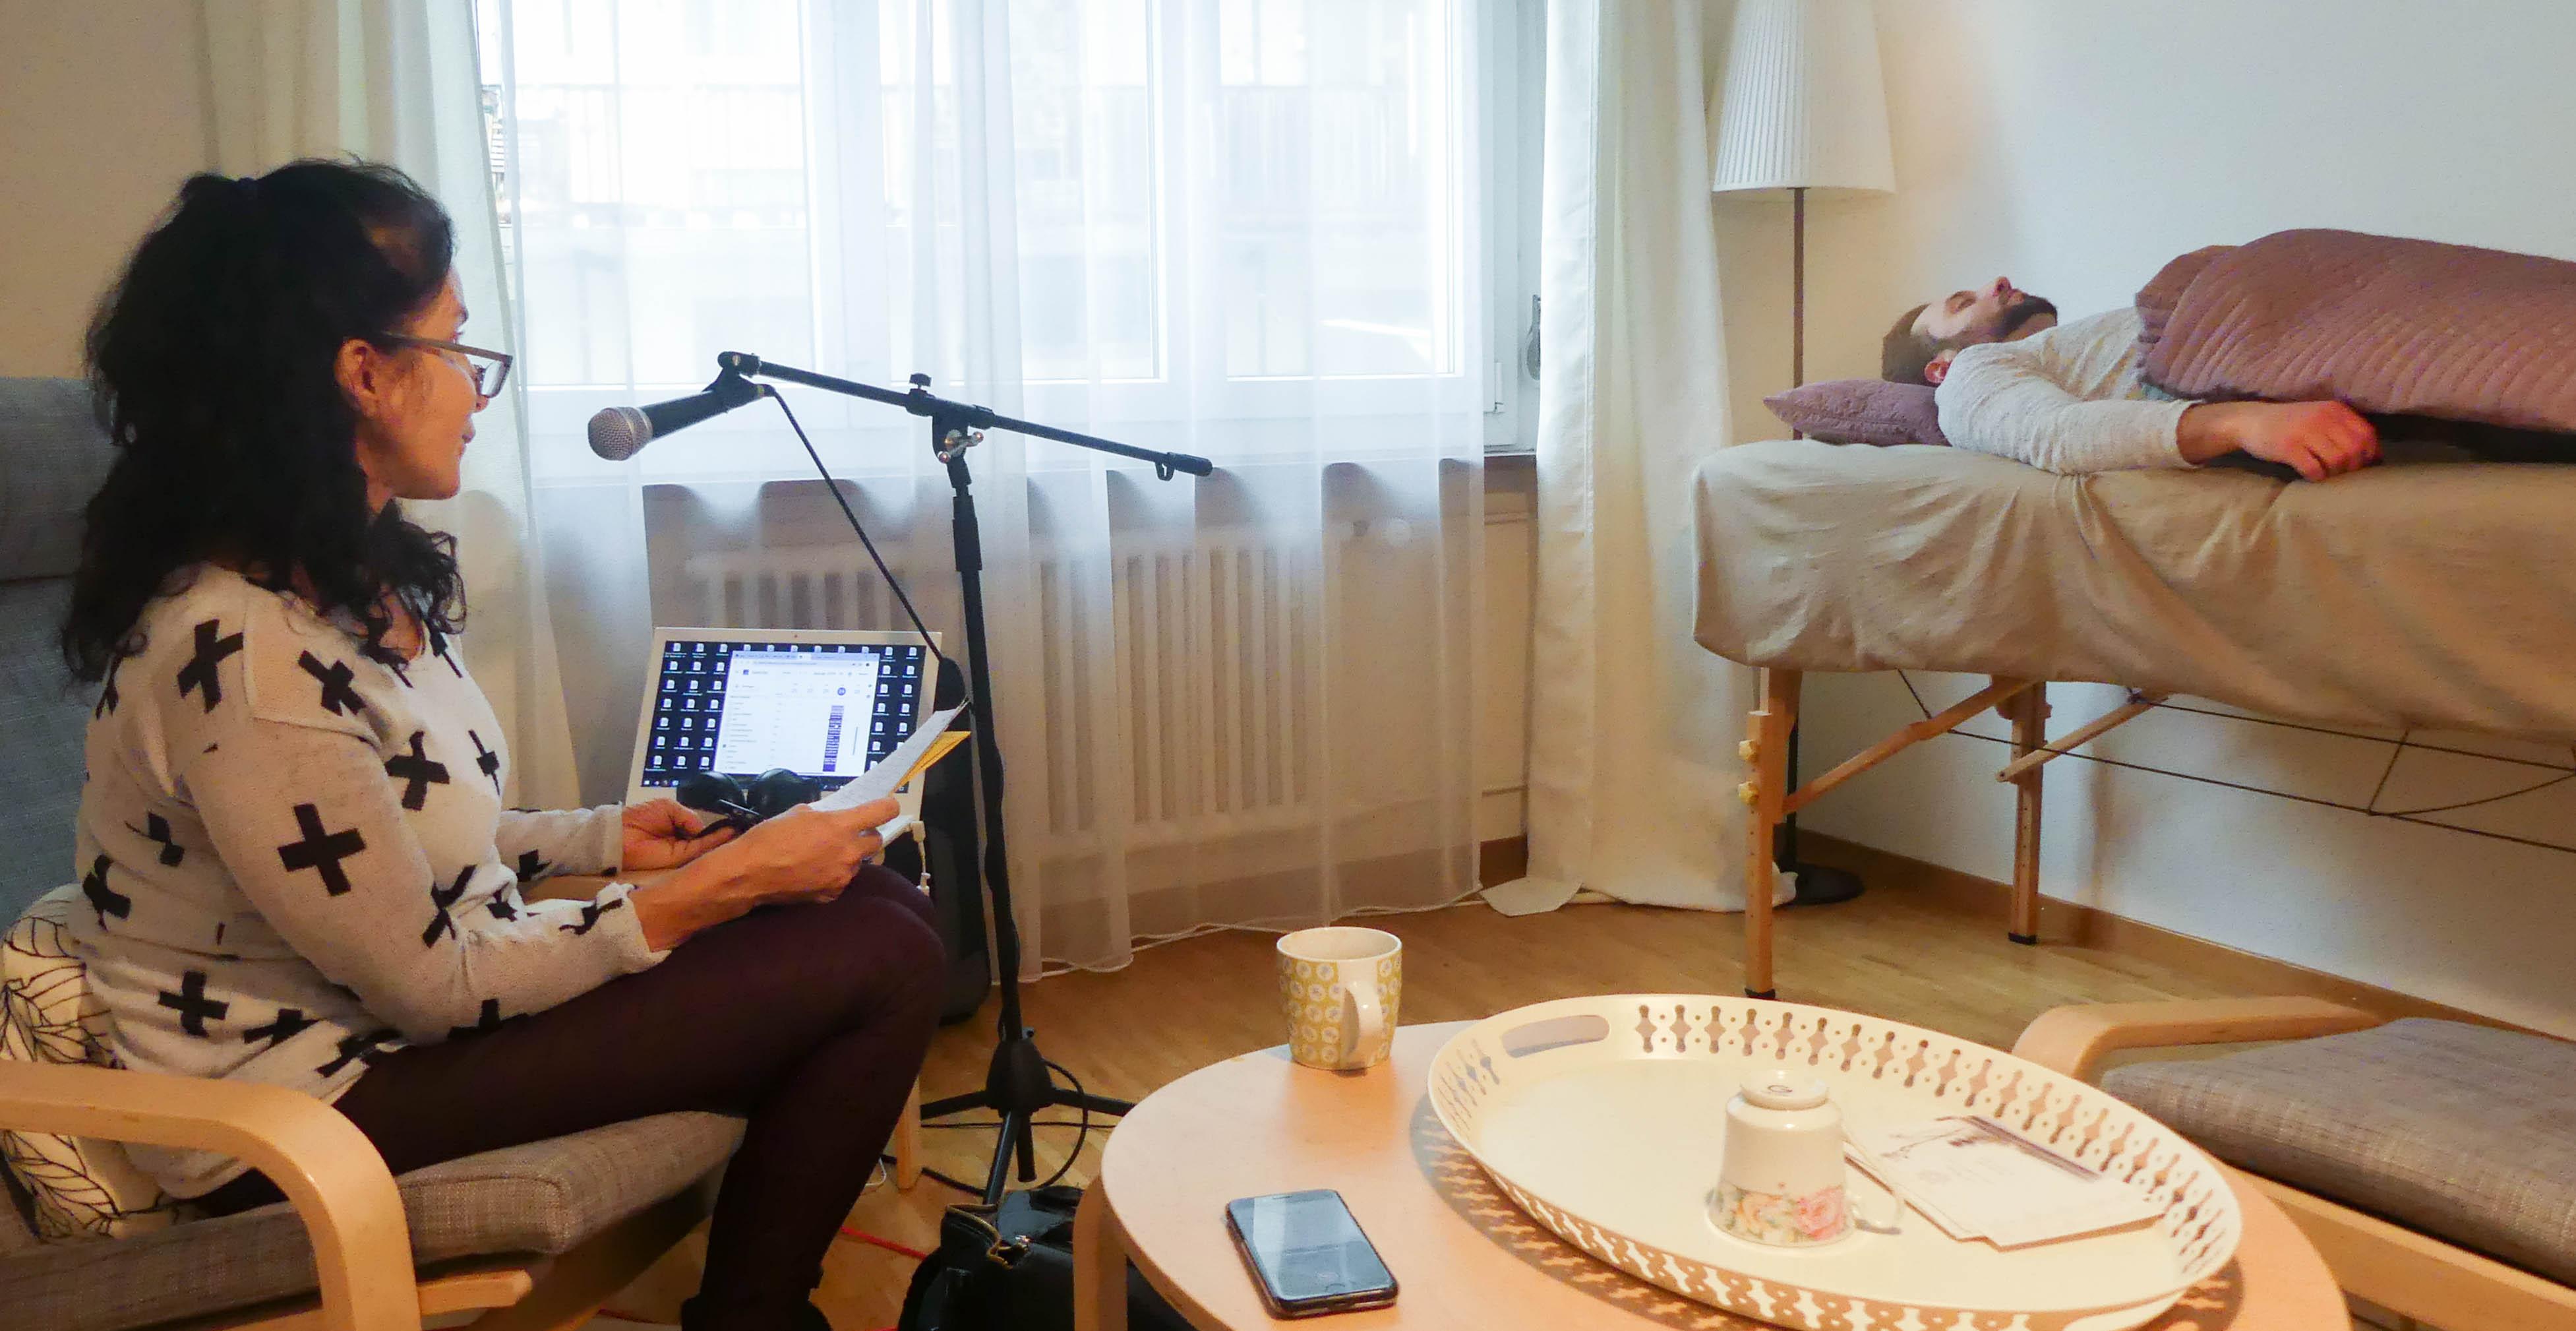 Lässt sich in Trance verfallen, um so rauchfrei zu werden: David bei der Hypnotiseurin Barbara Müller-Kütt.